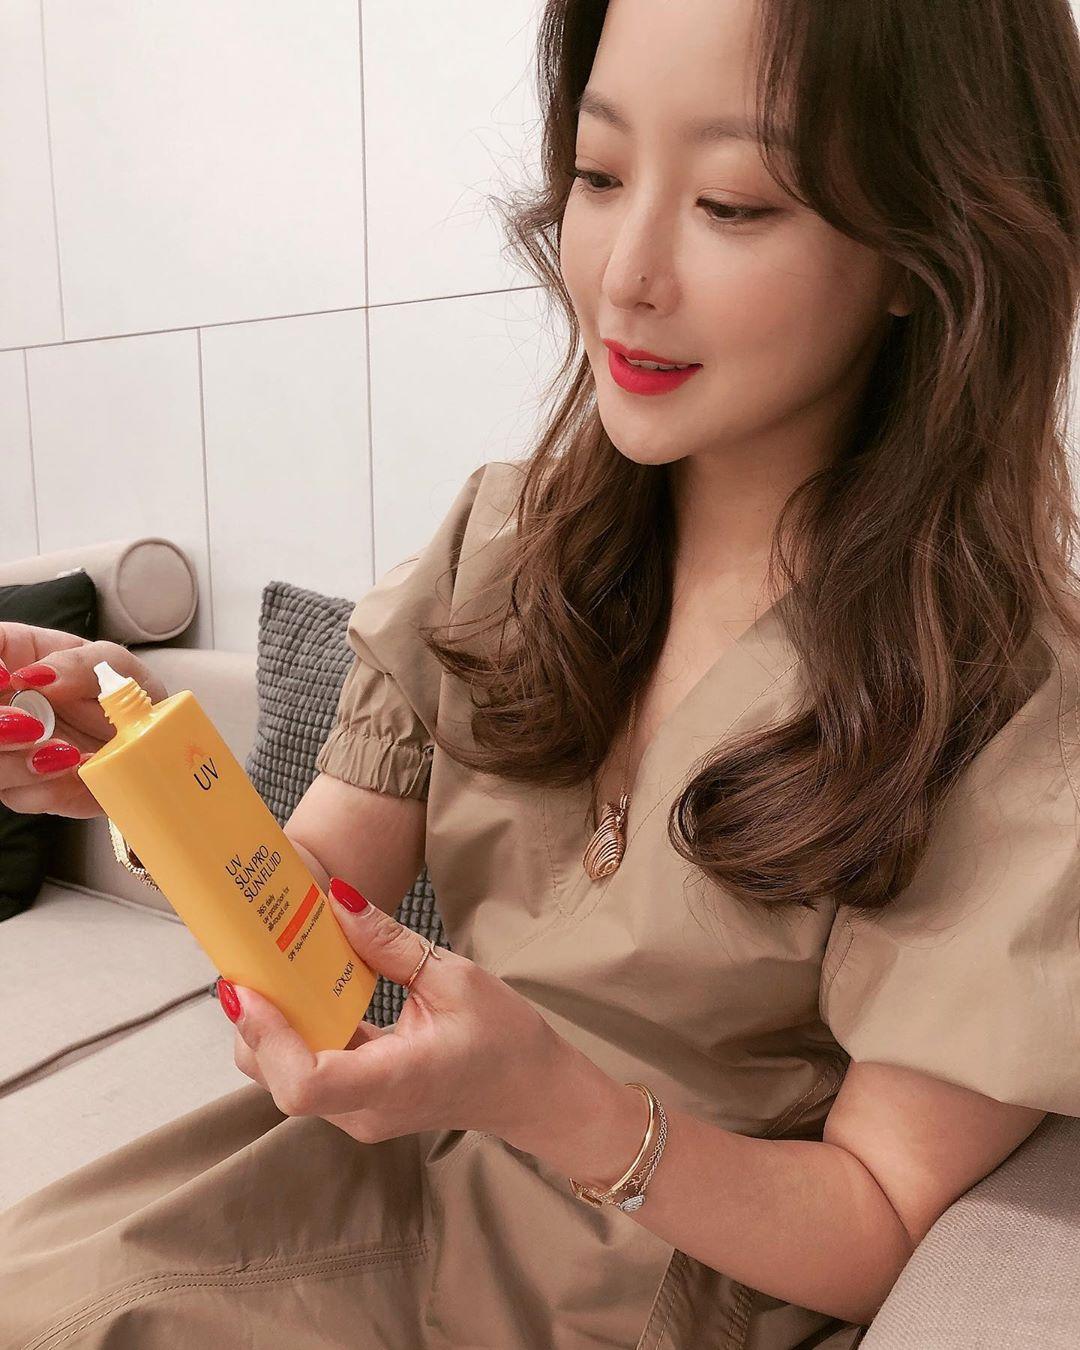 Kim Hee Sun 43 tuổi mà vẫn trẻ xinh chẳng thua đàn em, bí quyết chống già chỉ nằm ở 2 điều - Ảnh 2.